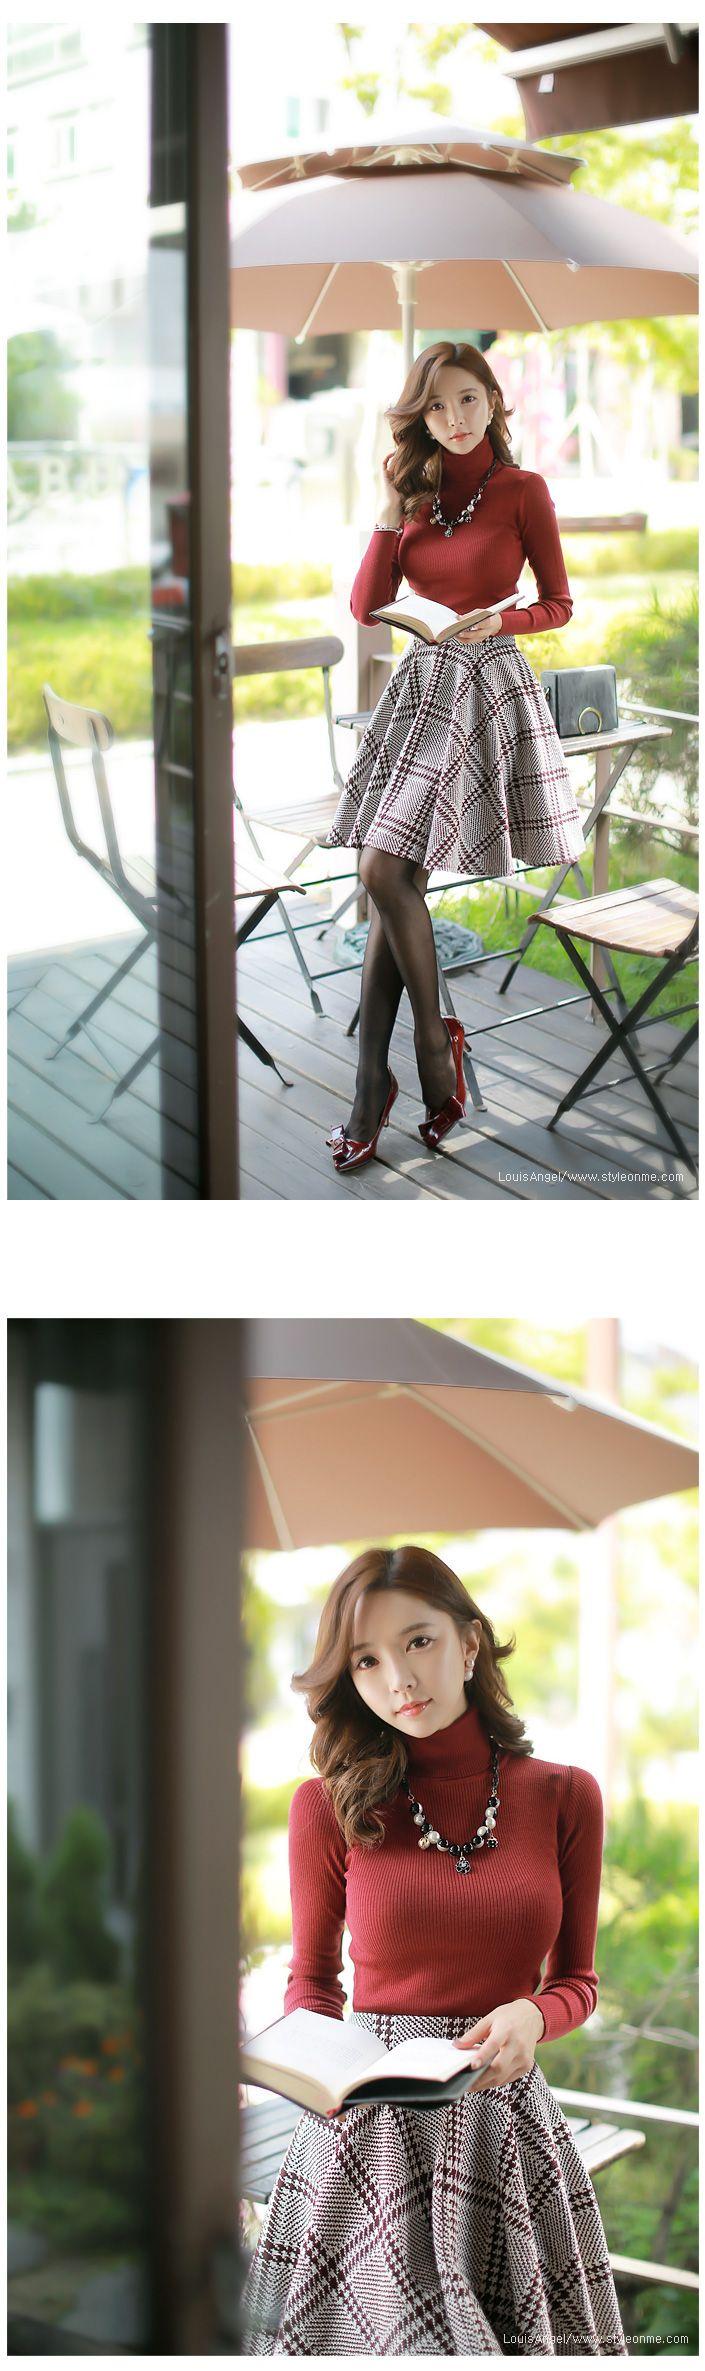 Styleonme_Feminine Checked Full Skirt #skirt #checked #fullskirt